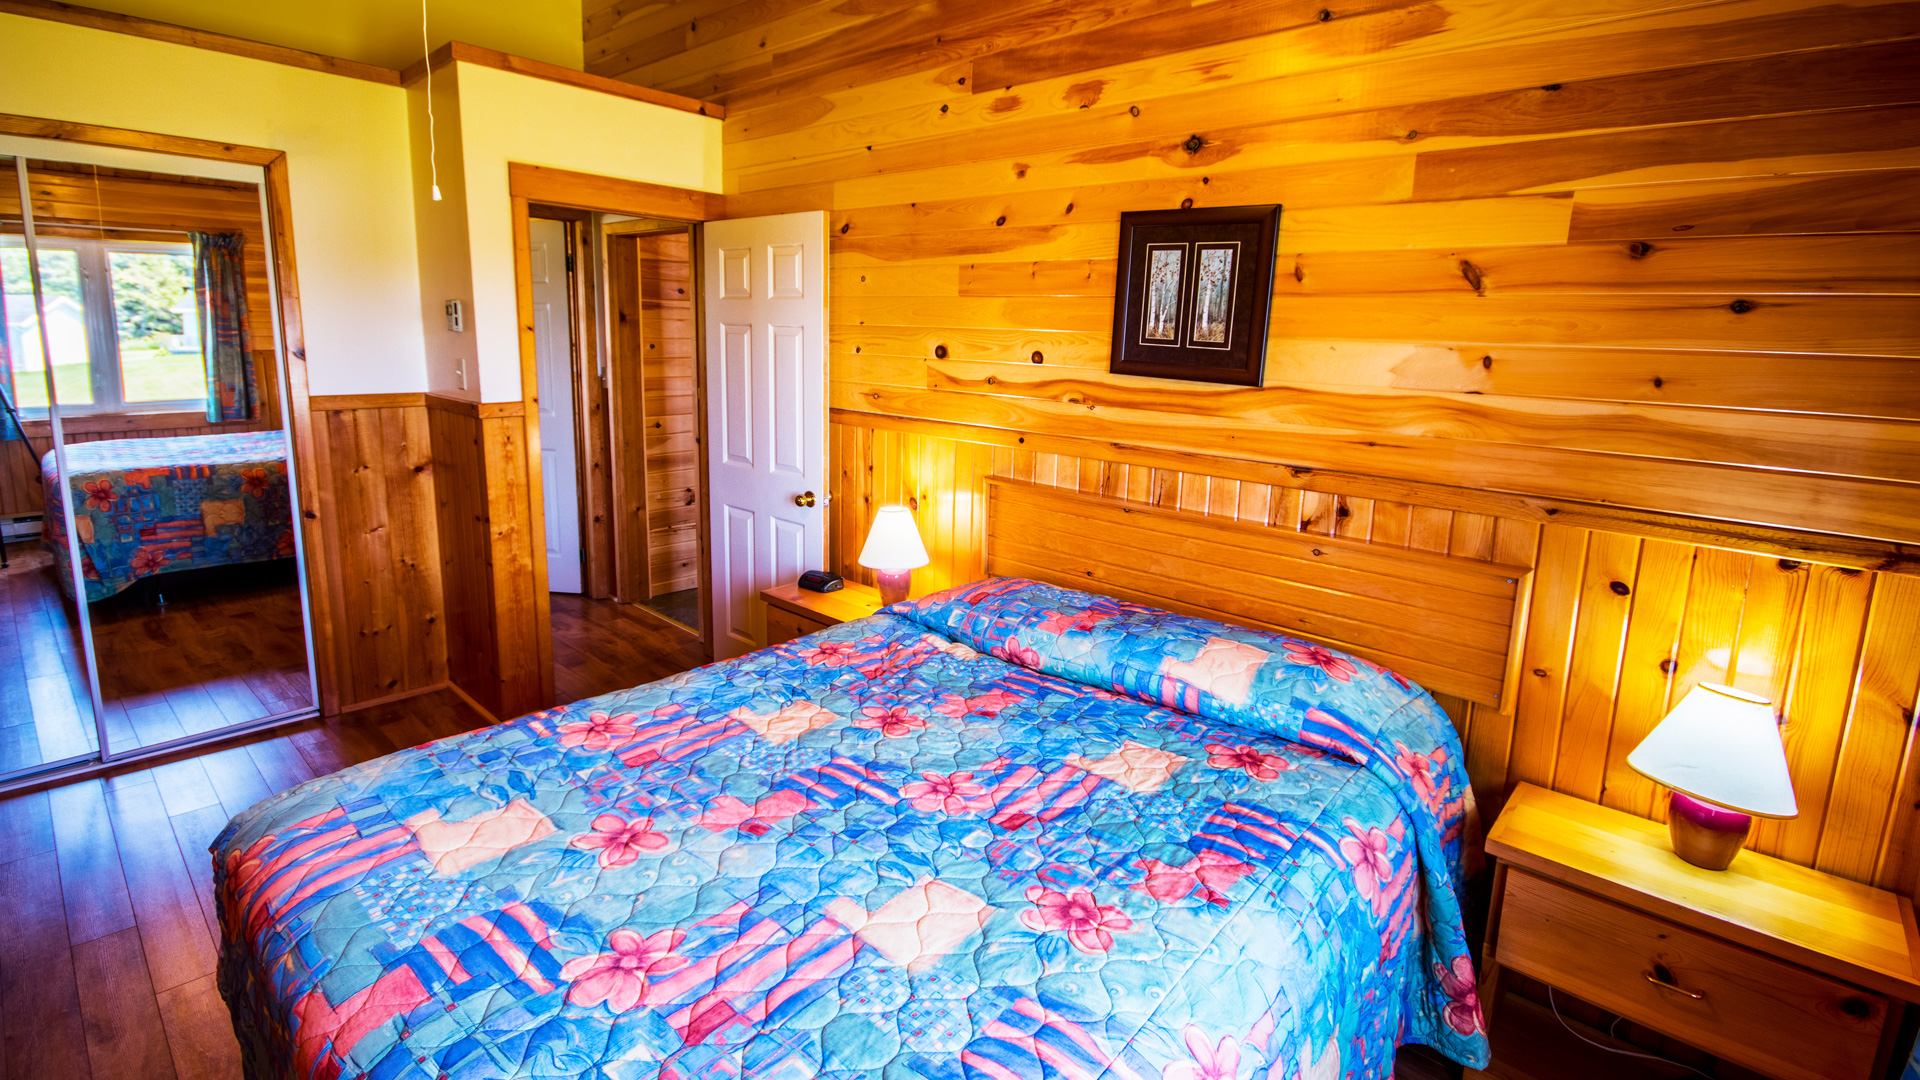 4 Bedroom-Queen Bed